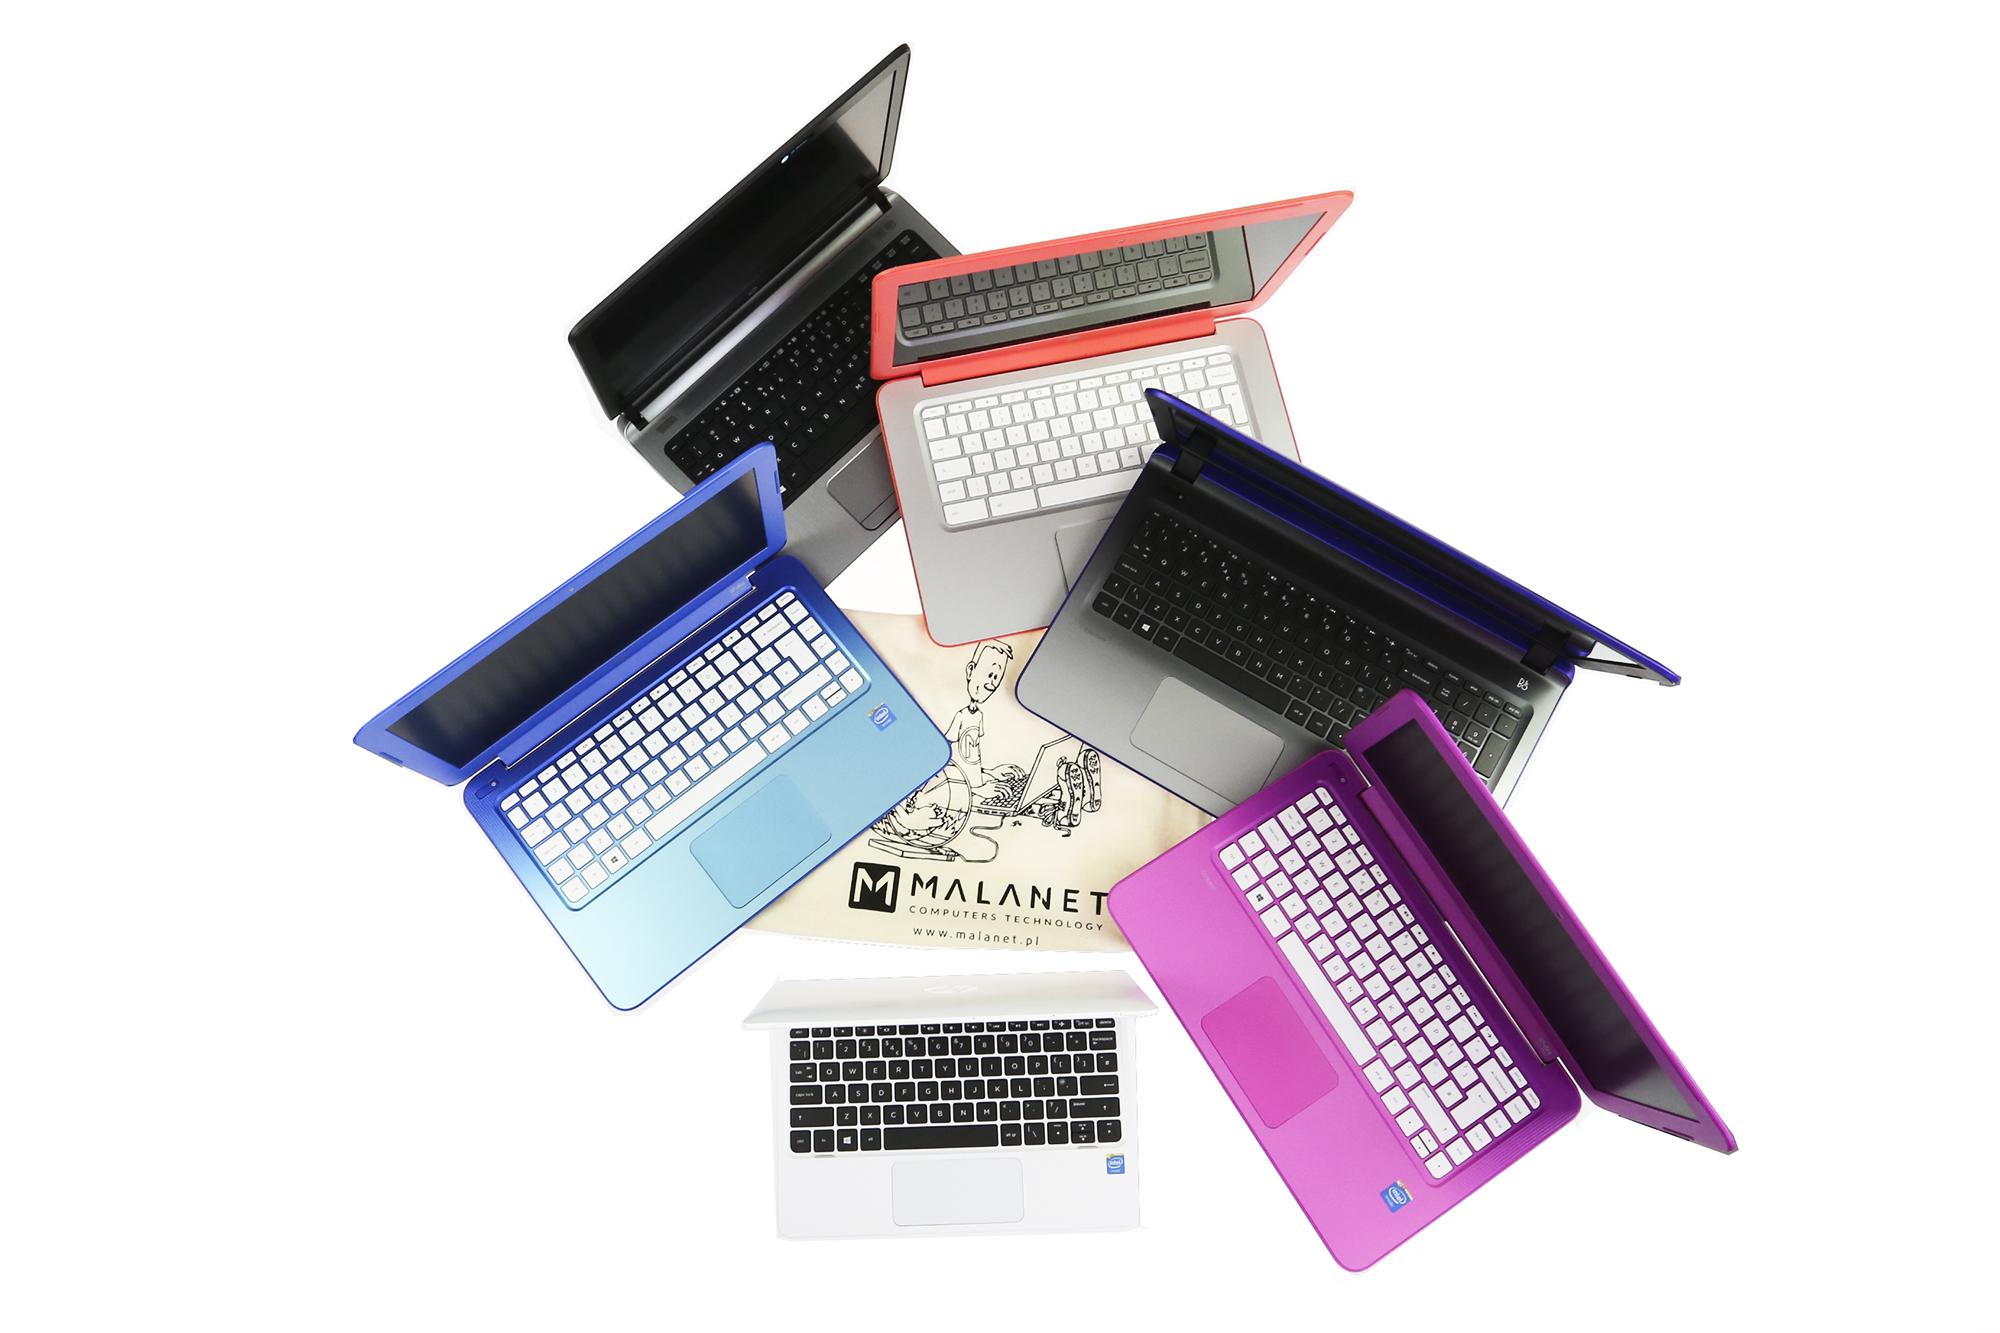 ab8c280a6286f Bezproblemowy zwrot urządzeń elektronicznych. laptopy promocja Niemniej  istotną cechą